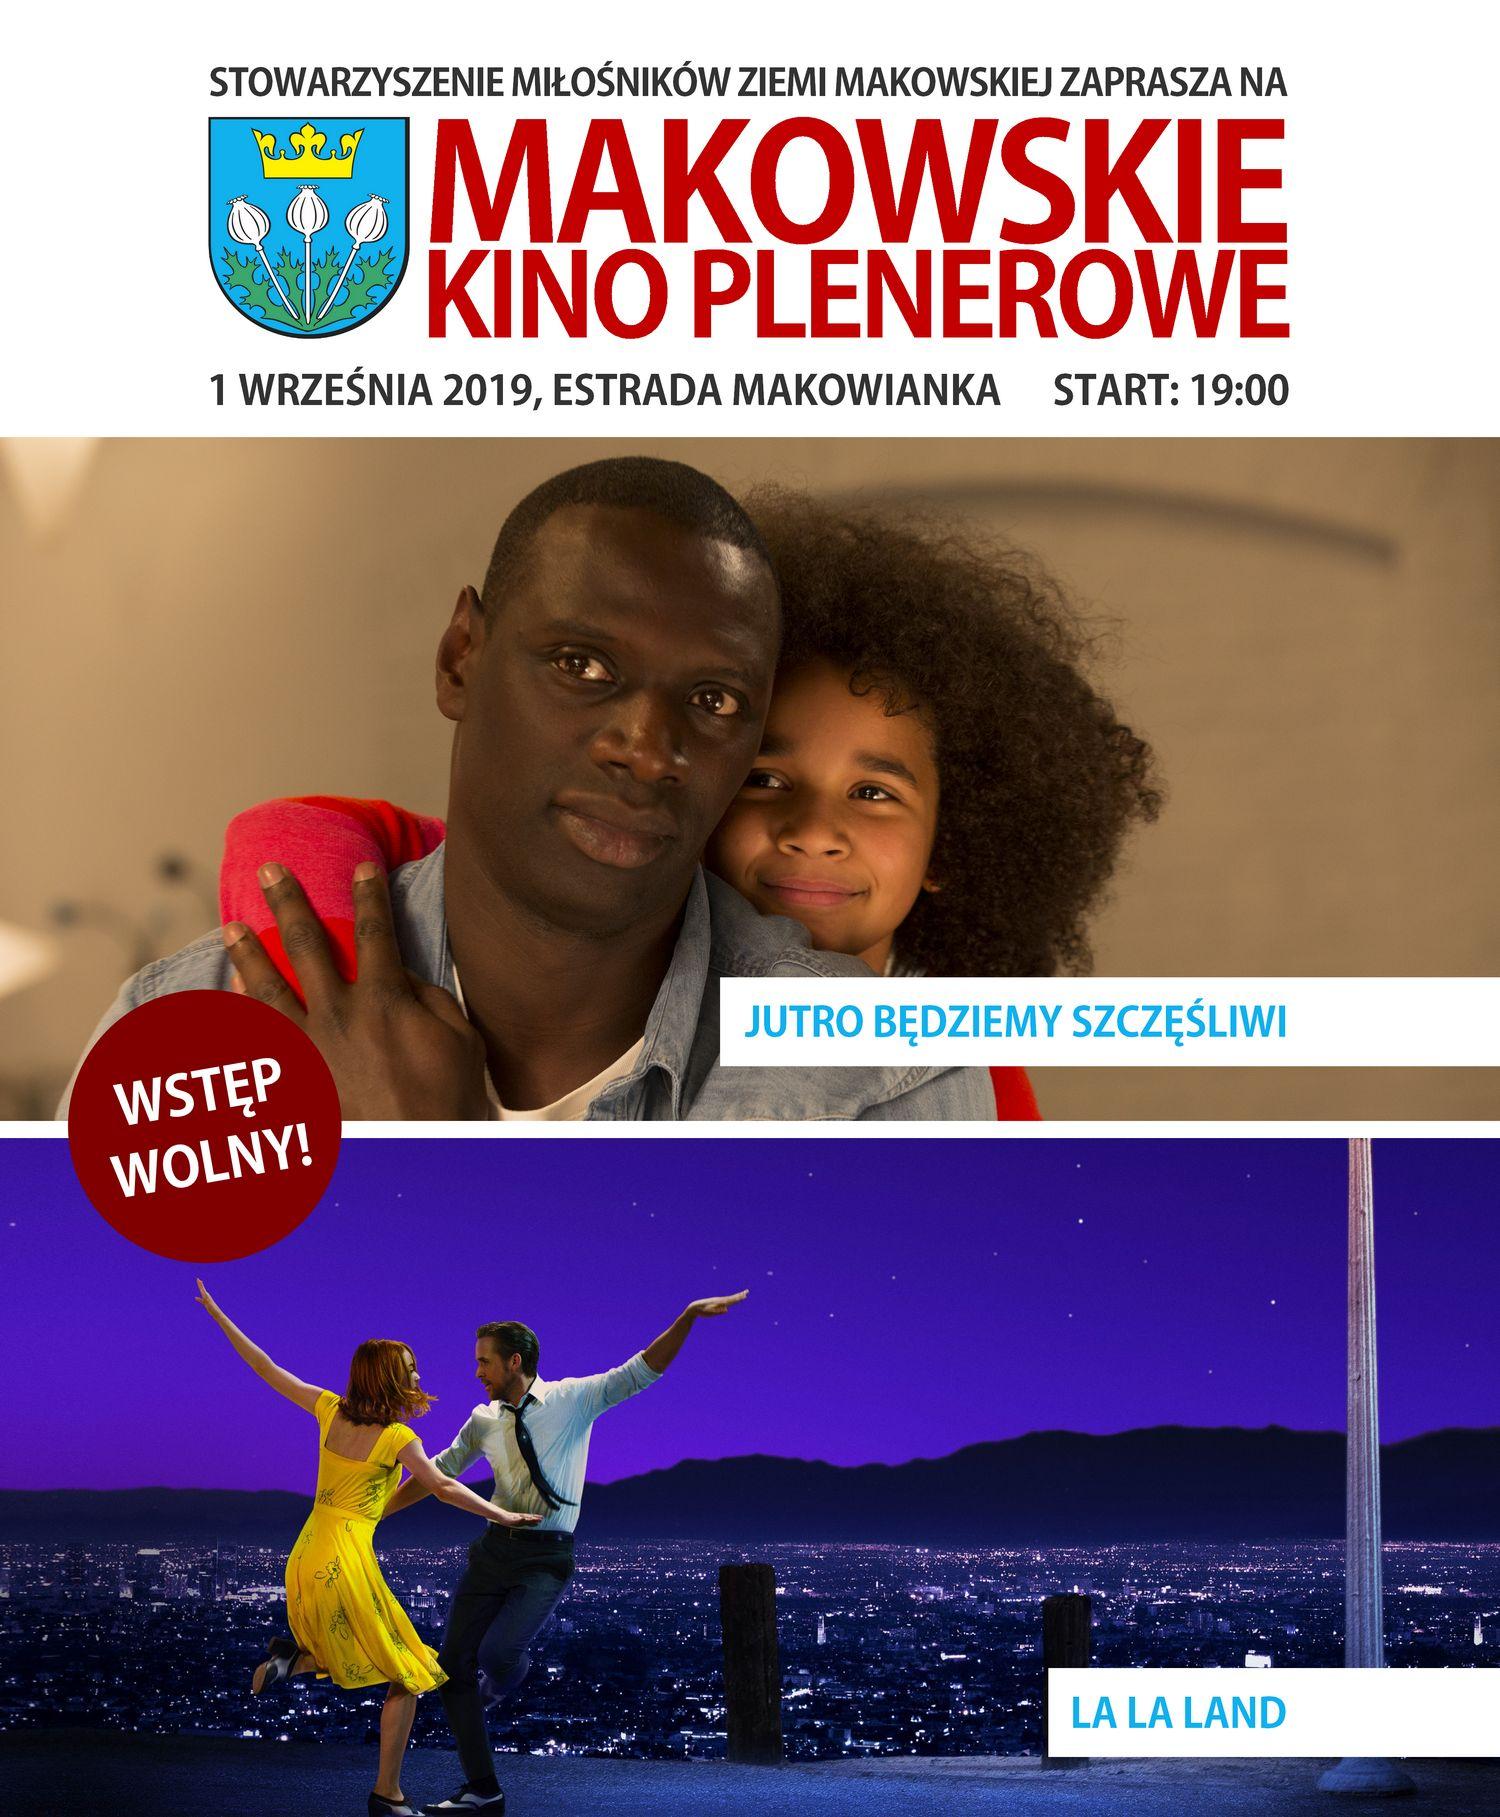 Filmowe hity na kinie plenerowym w Makowie Podhalańskim